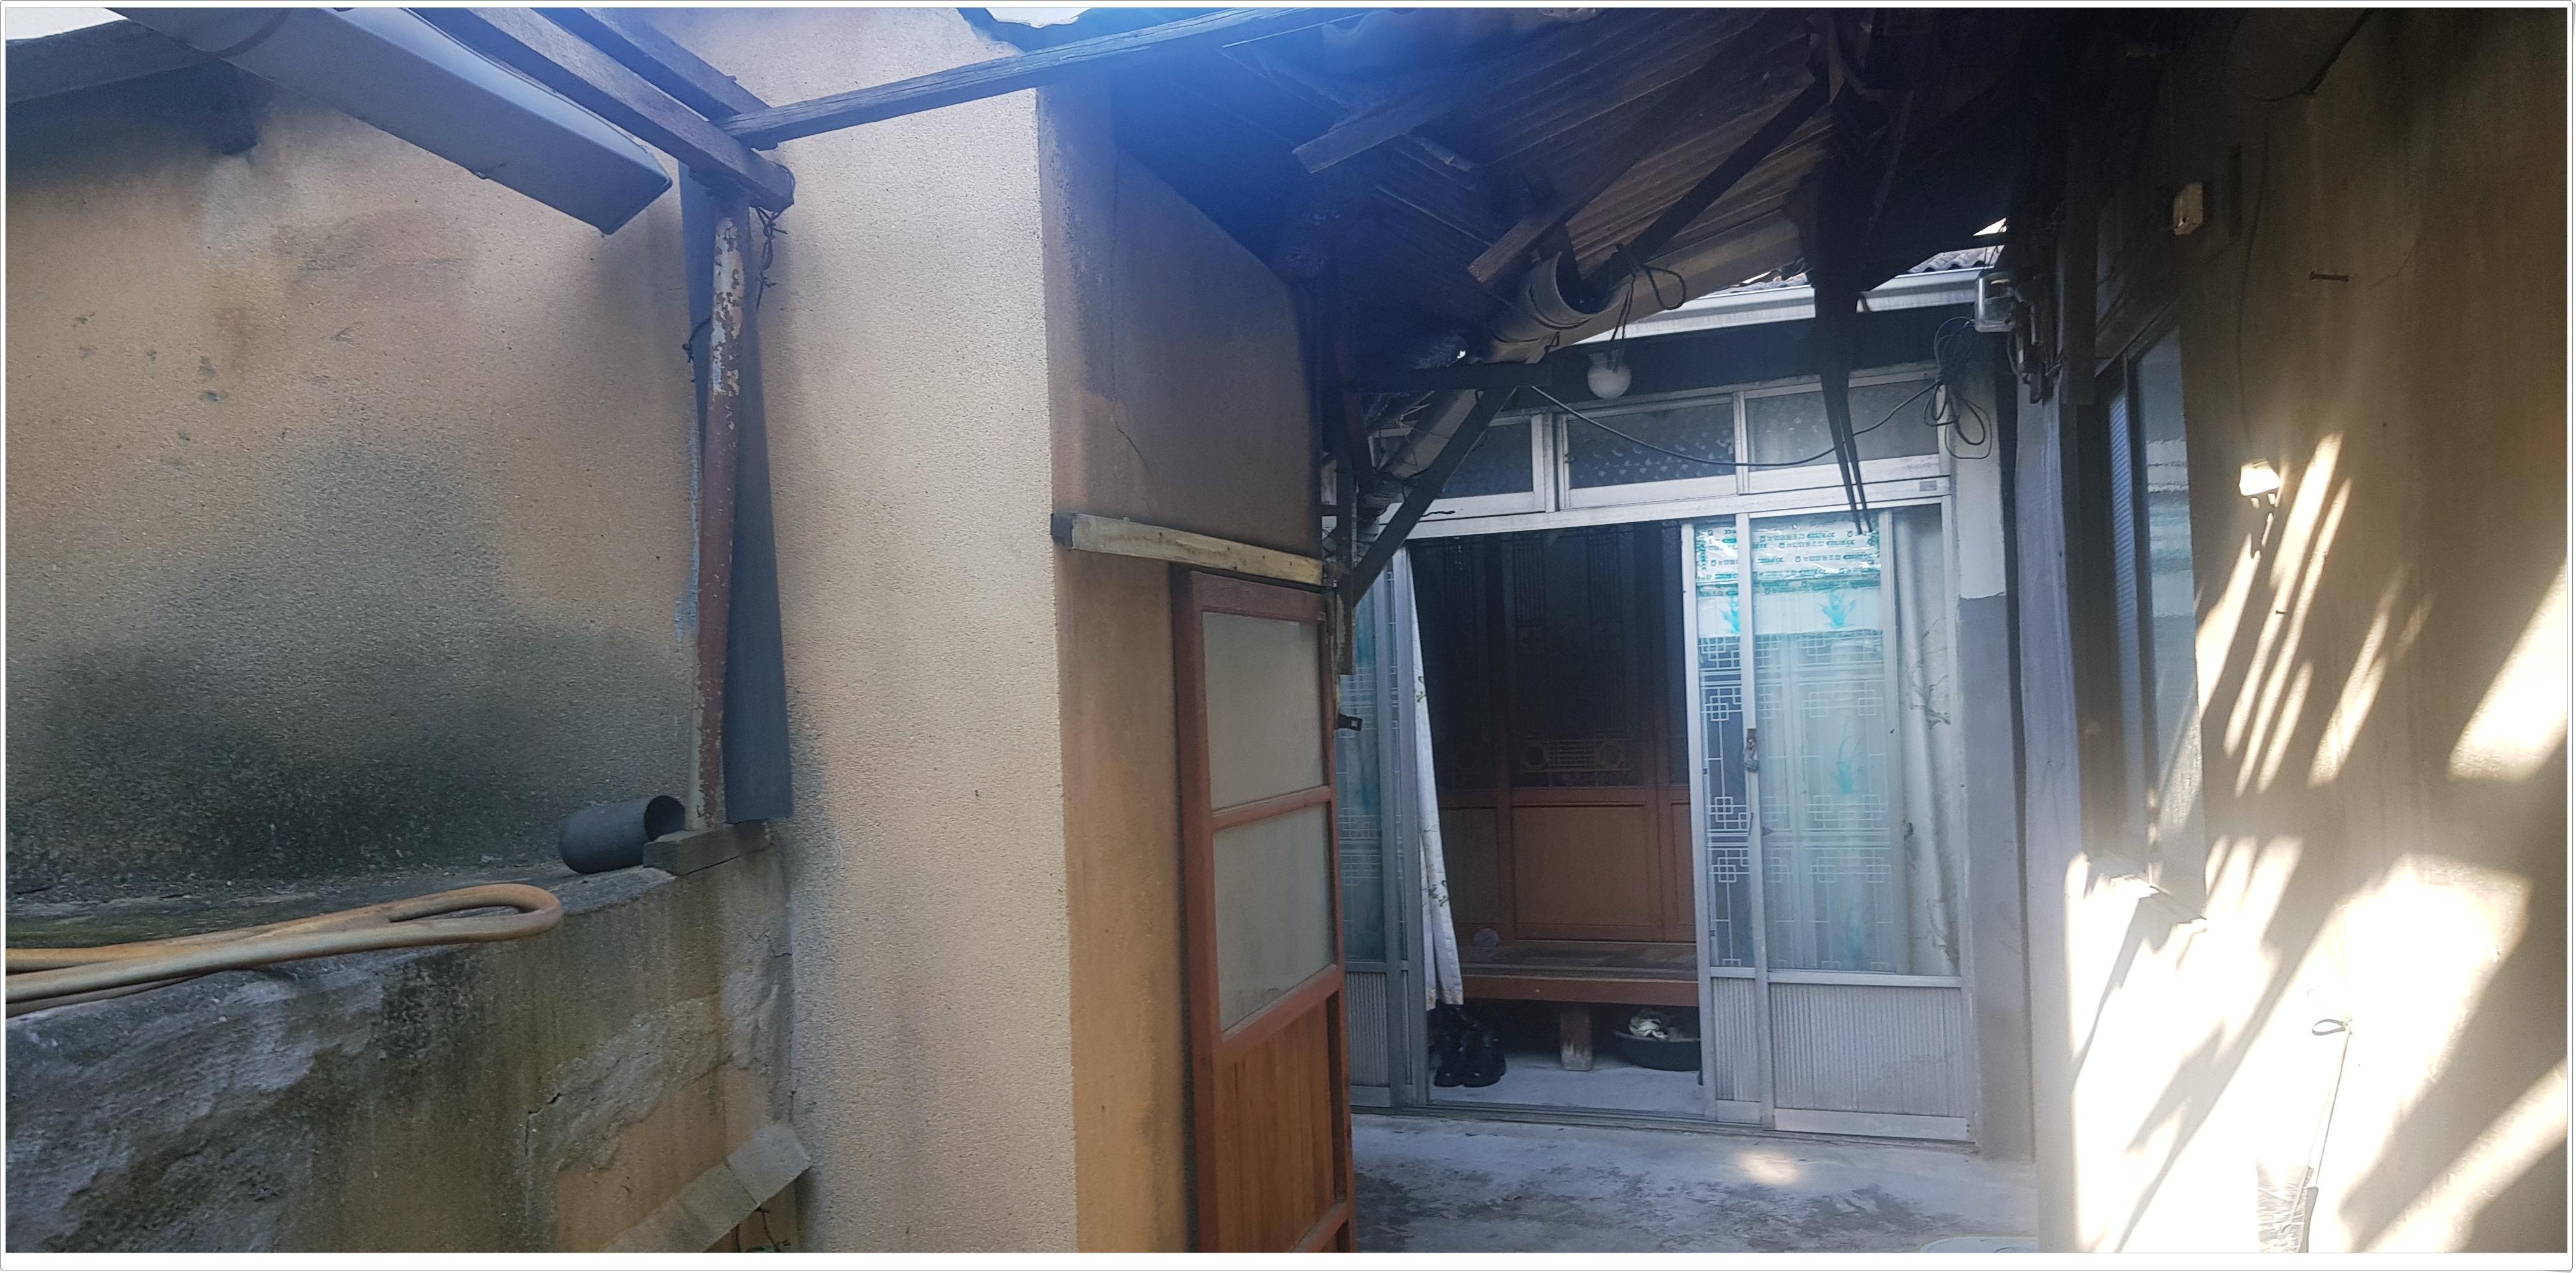 3 번째 사진 단독주택 에  연면적 ㎡ 부산 백양대로 주택 석면조사 현장